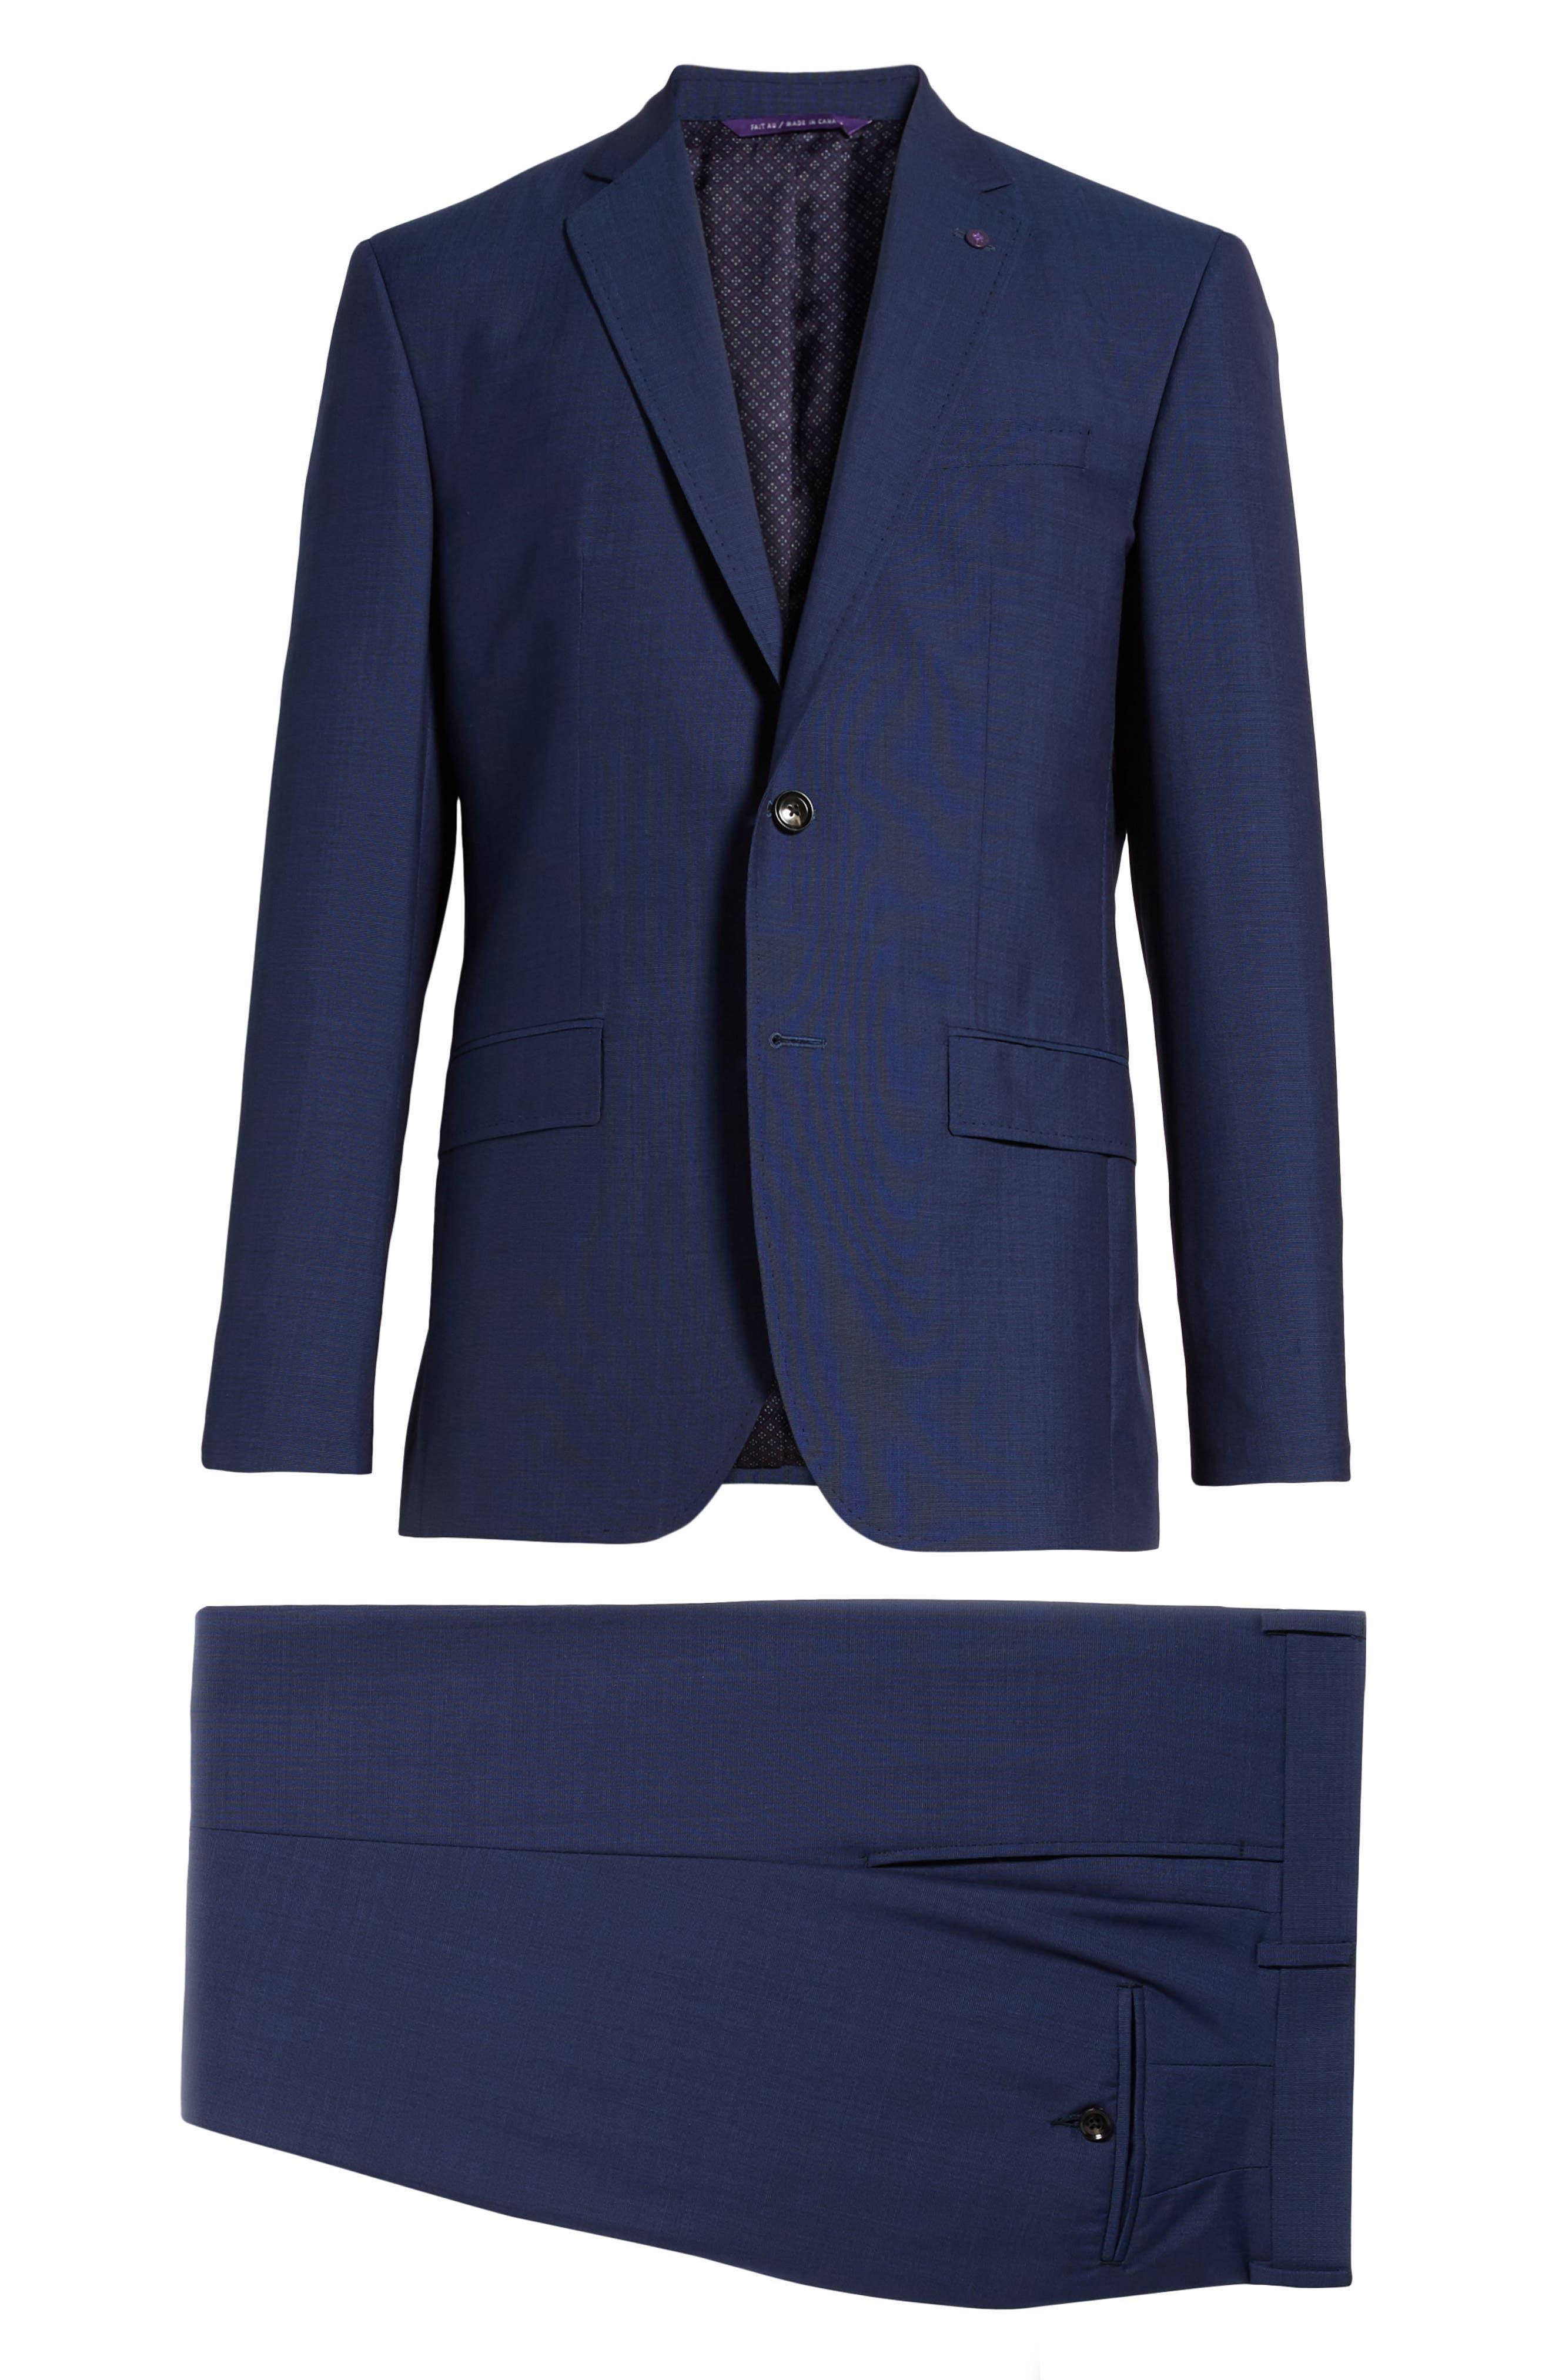 Jay Trim Fit Suit,                             Alternate thumbnail 8, color,                             BLUE